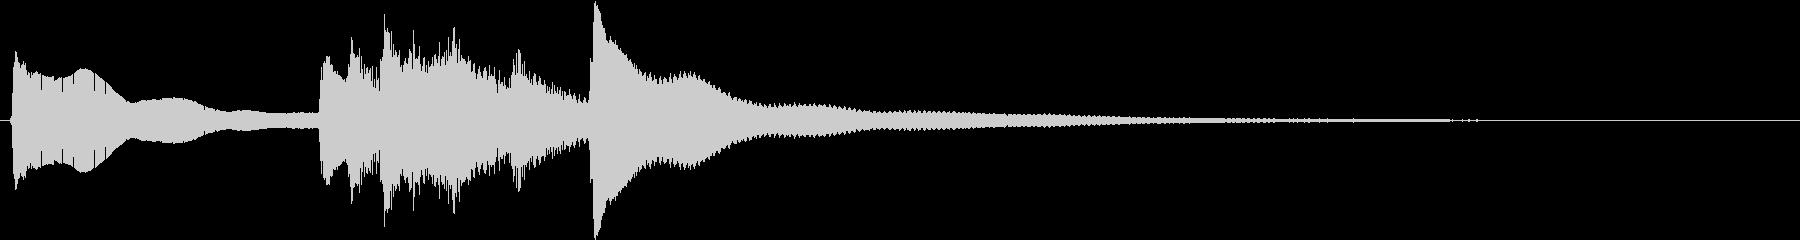 お正月の定番曲「春の海」から冒頭フレーズの未再生の波形